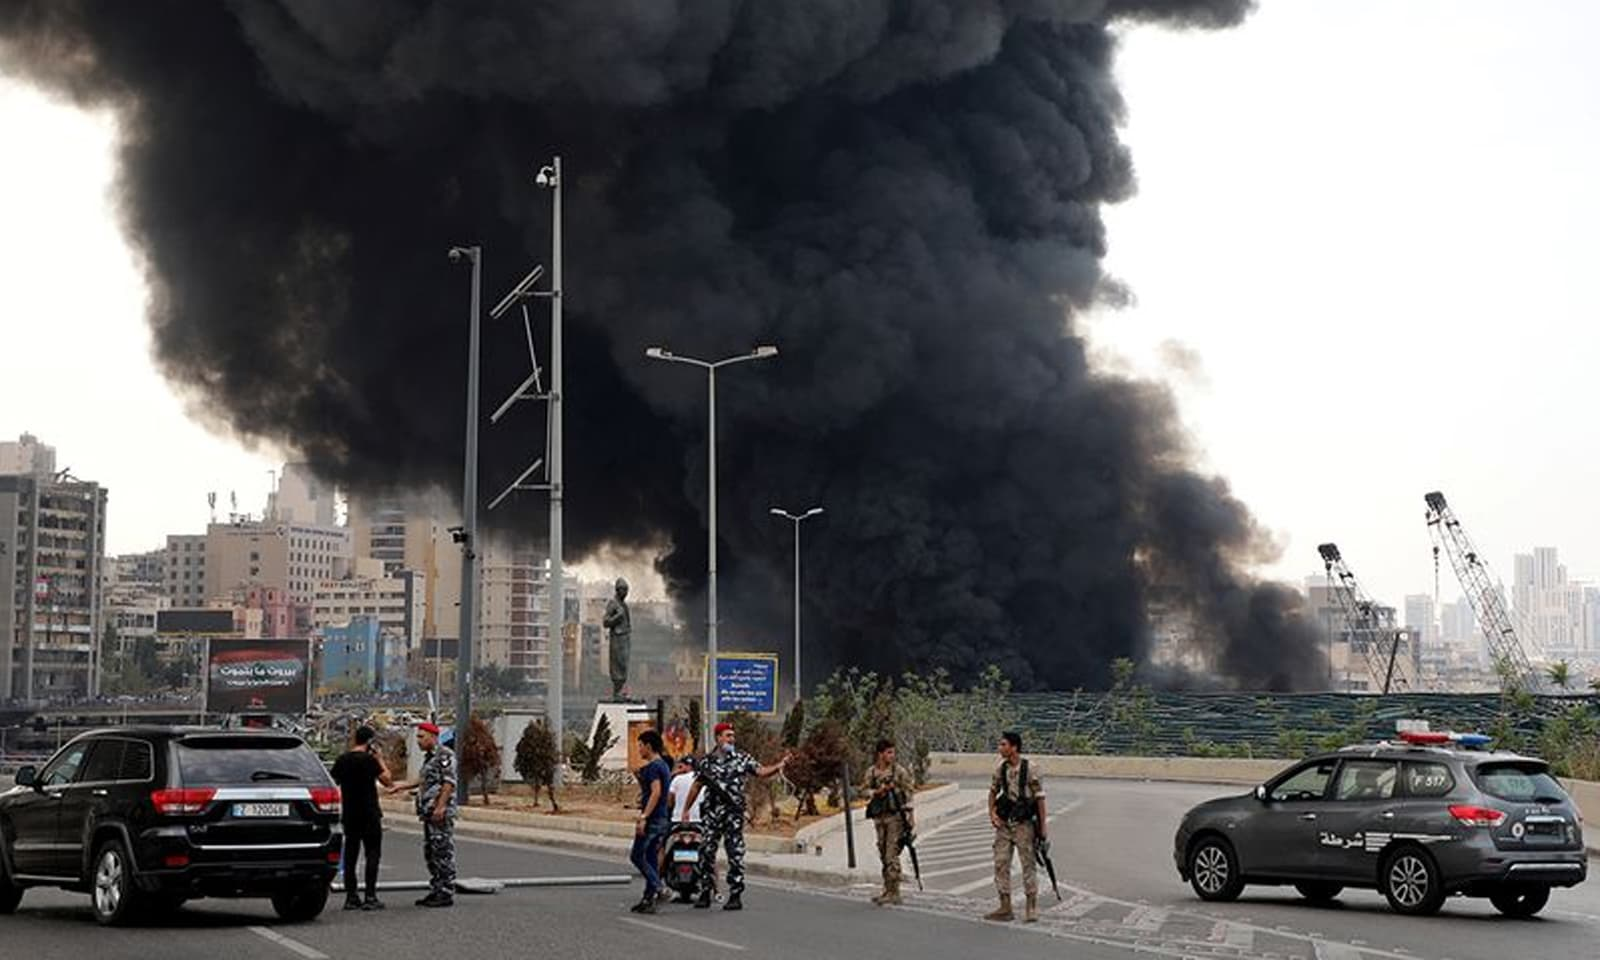 بیروت کی بندرگاہ میں جس مقام پر آگ لگی وہ ڈیوٹی فری تھا—فوٹو: رائٹرز